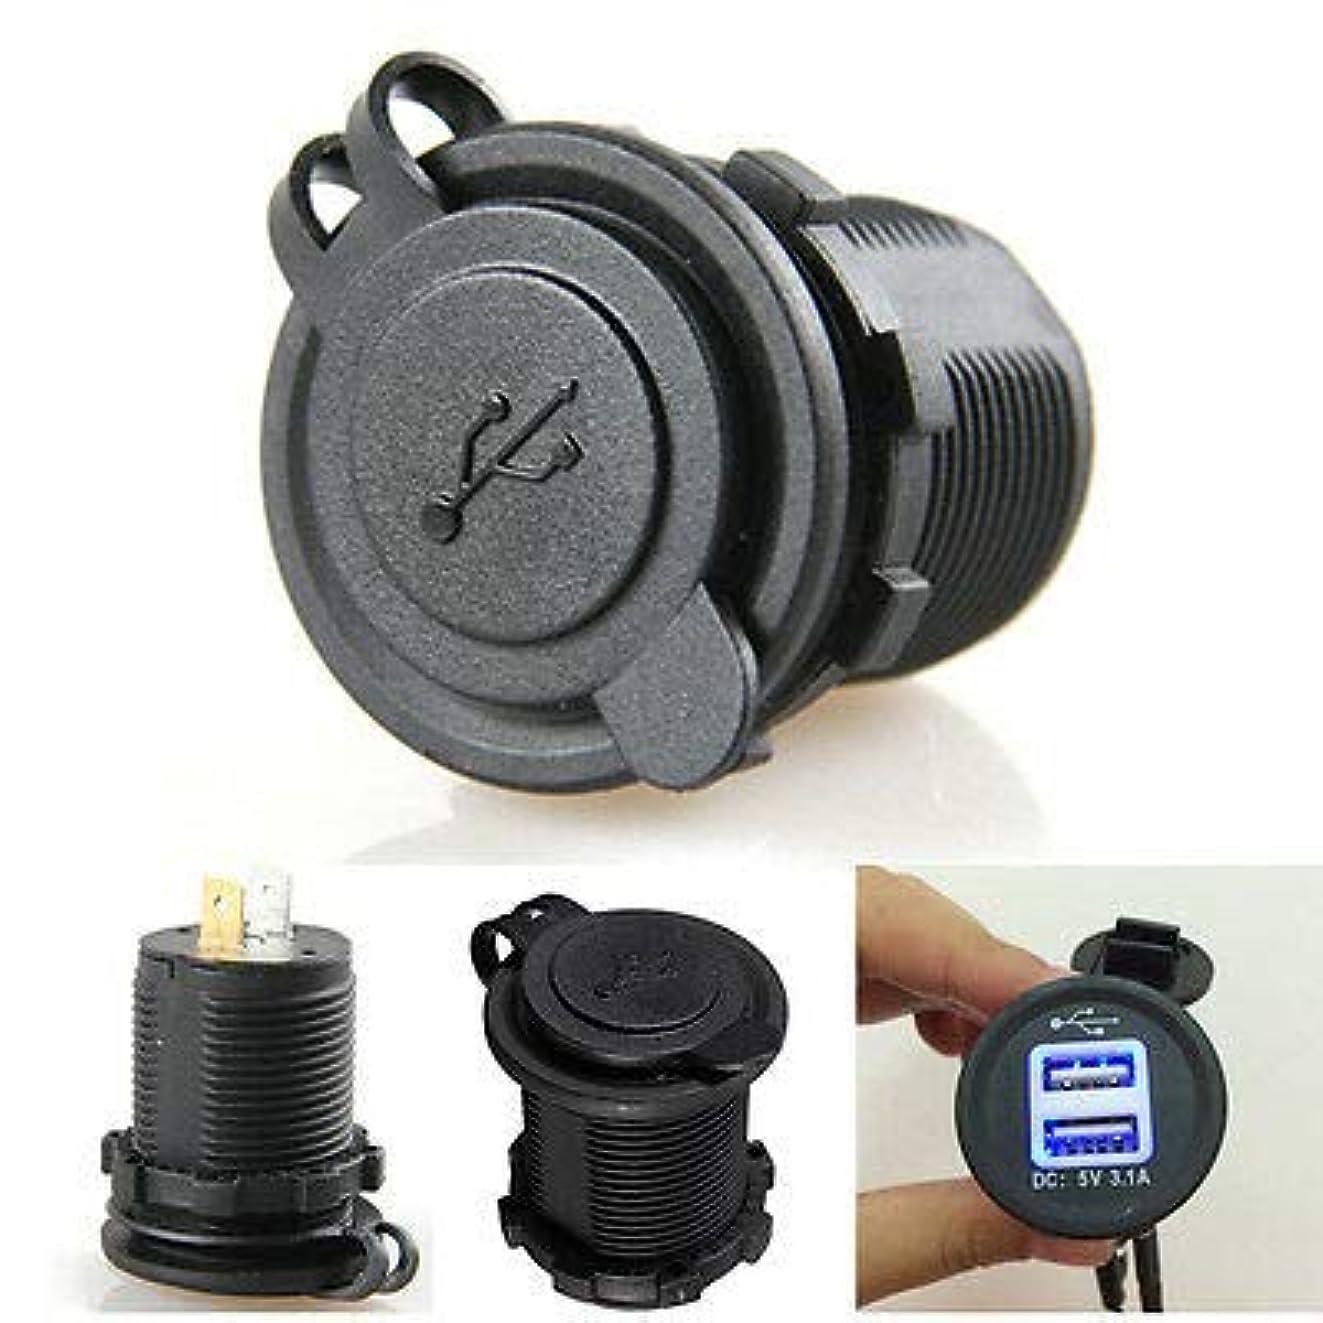 十分にシステム吸収剤FidgetGear DC12V to 5V LED Dual USB Car Cigarette Lighter Power Charger Adapter Socket